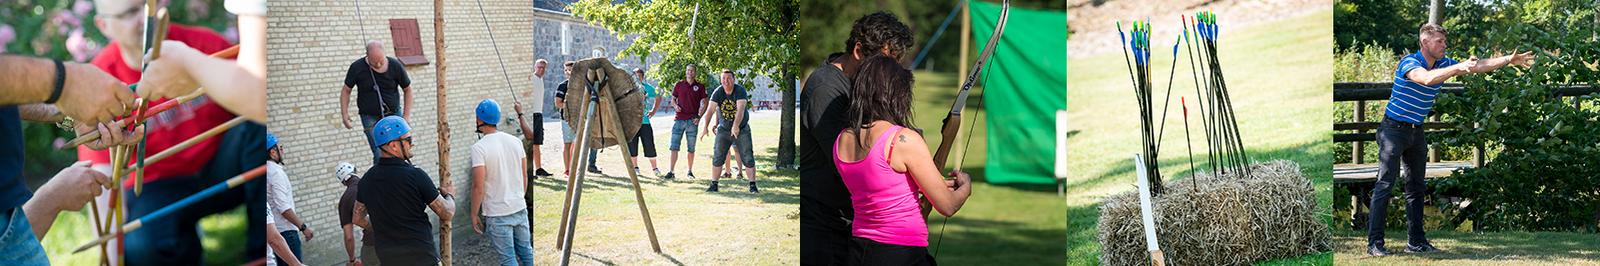 Teambuilding og aktiviteter på Sonnerupgaard Gods